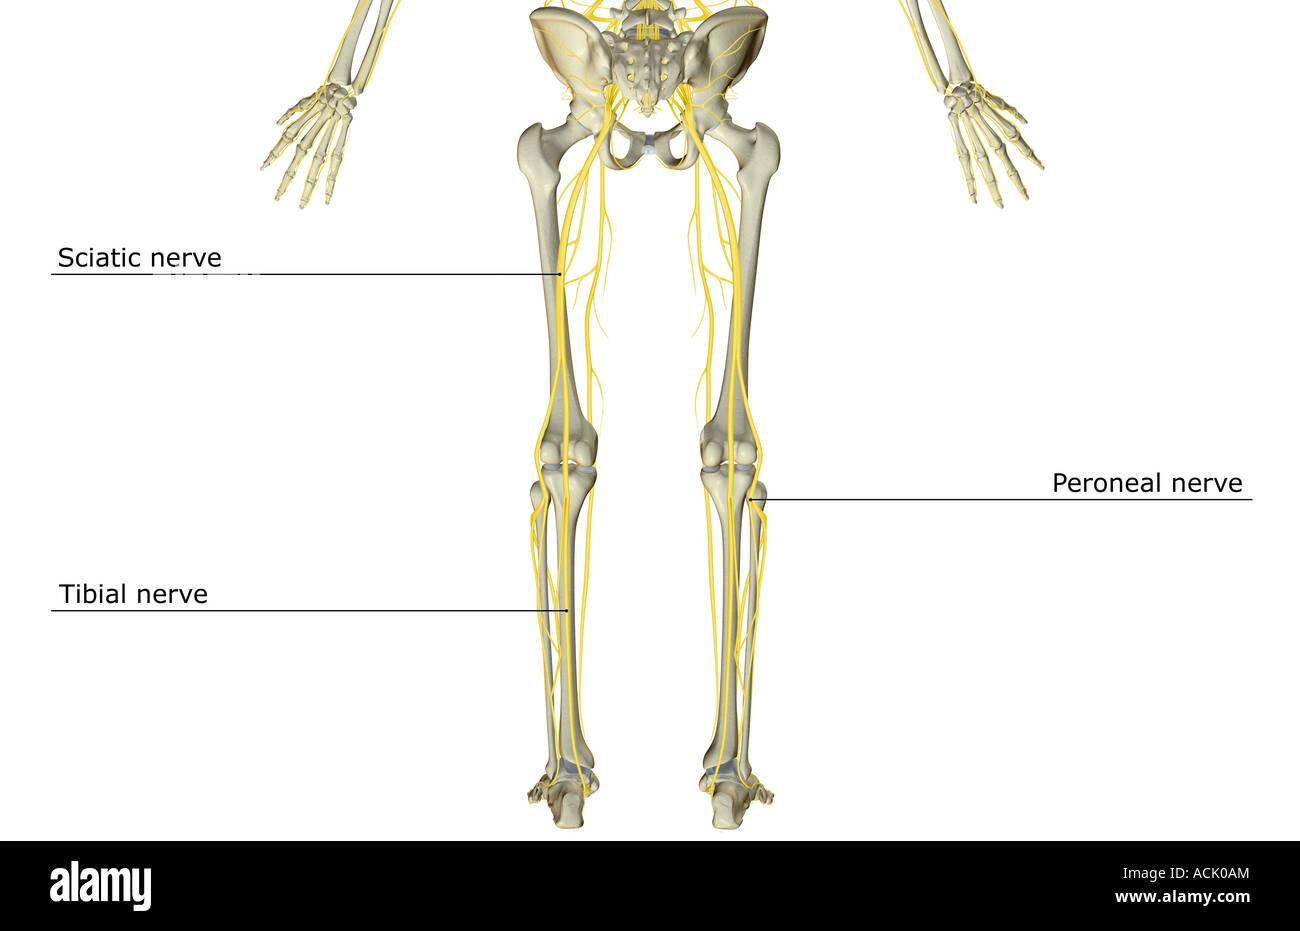 Groß Psyatic Nerven Galerie - Anatomie Und Physiologie Knochen ...